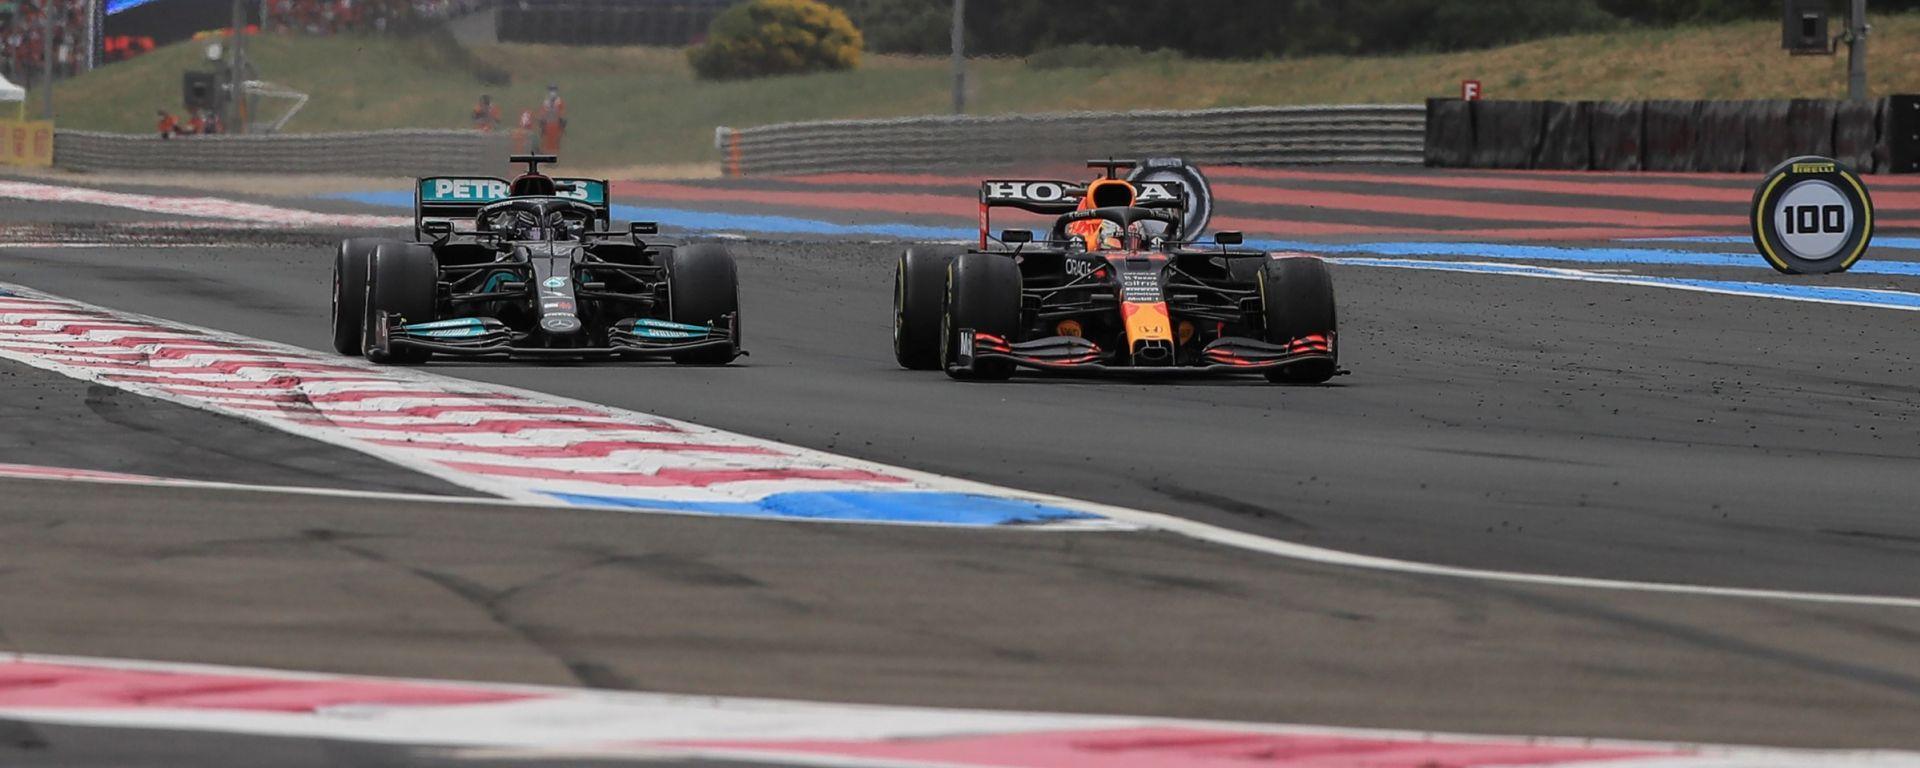 F1, GP Francia 2021: il momento del sorpasso di Max Verstappen su Lewis Hamilton